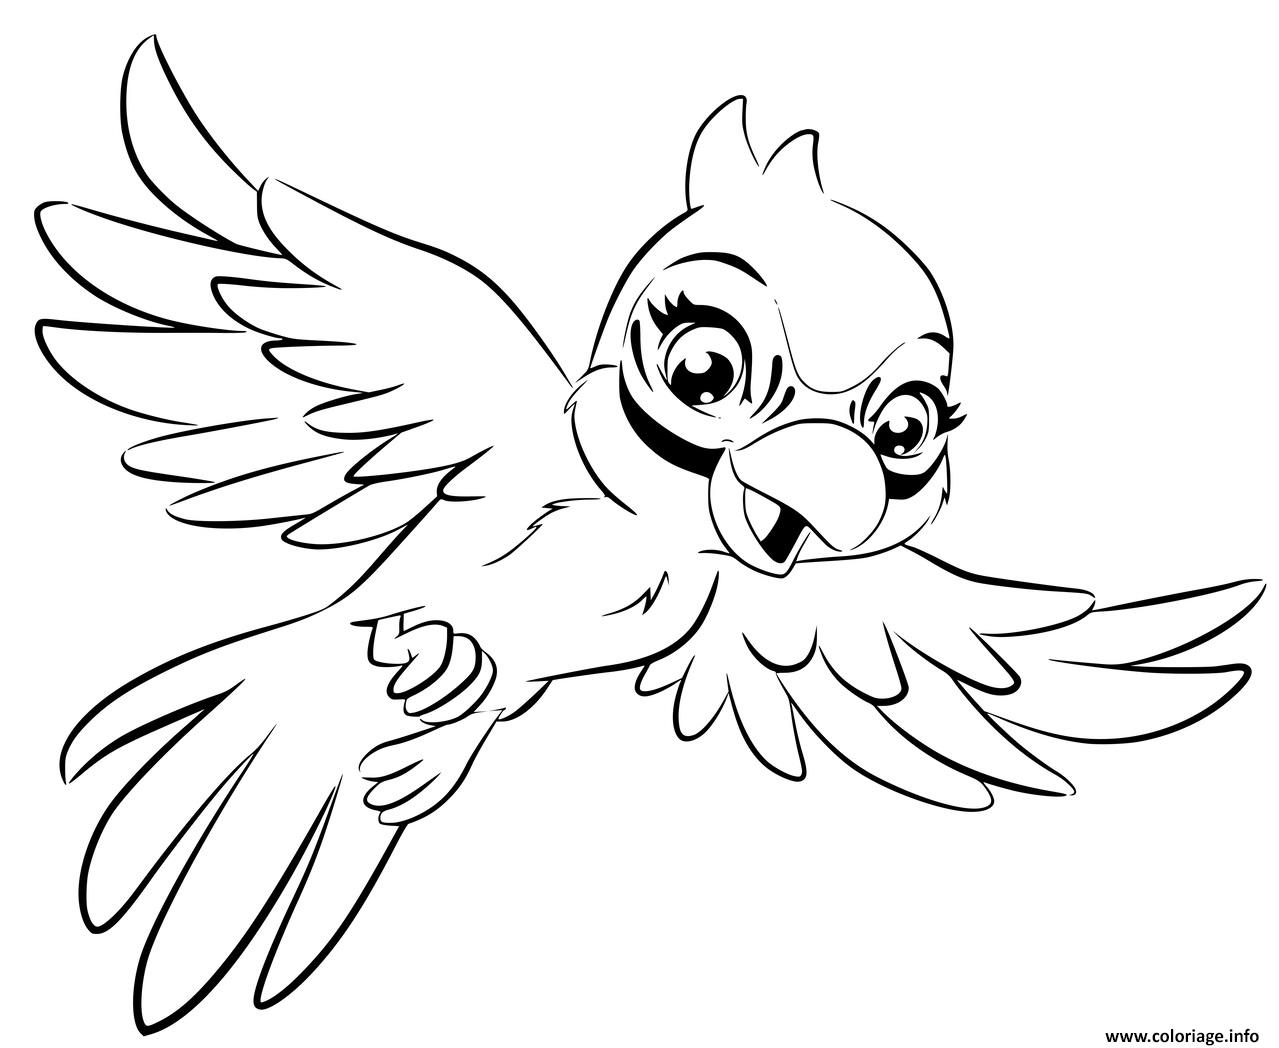 Dessin lego friends perroquet Coloriage Gratuit à Imprimer